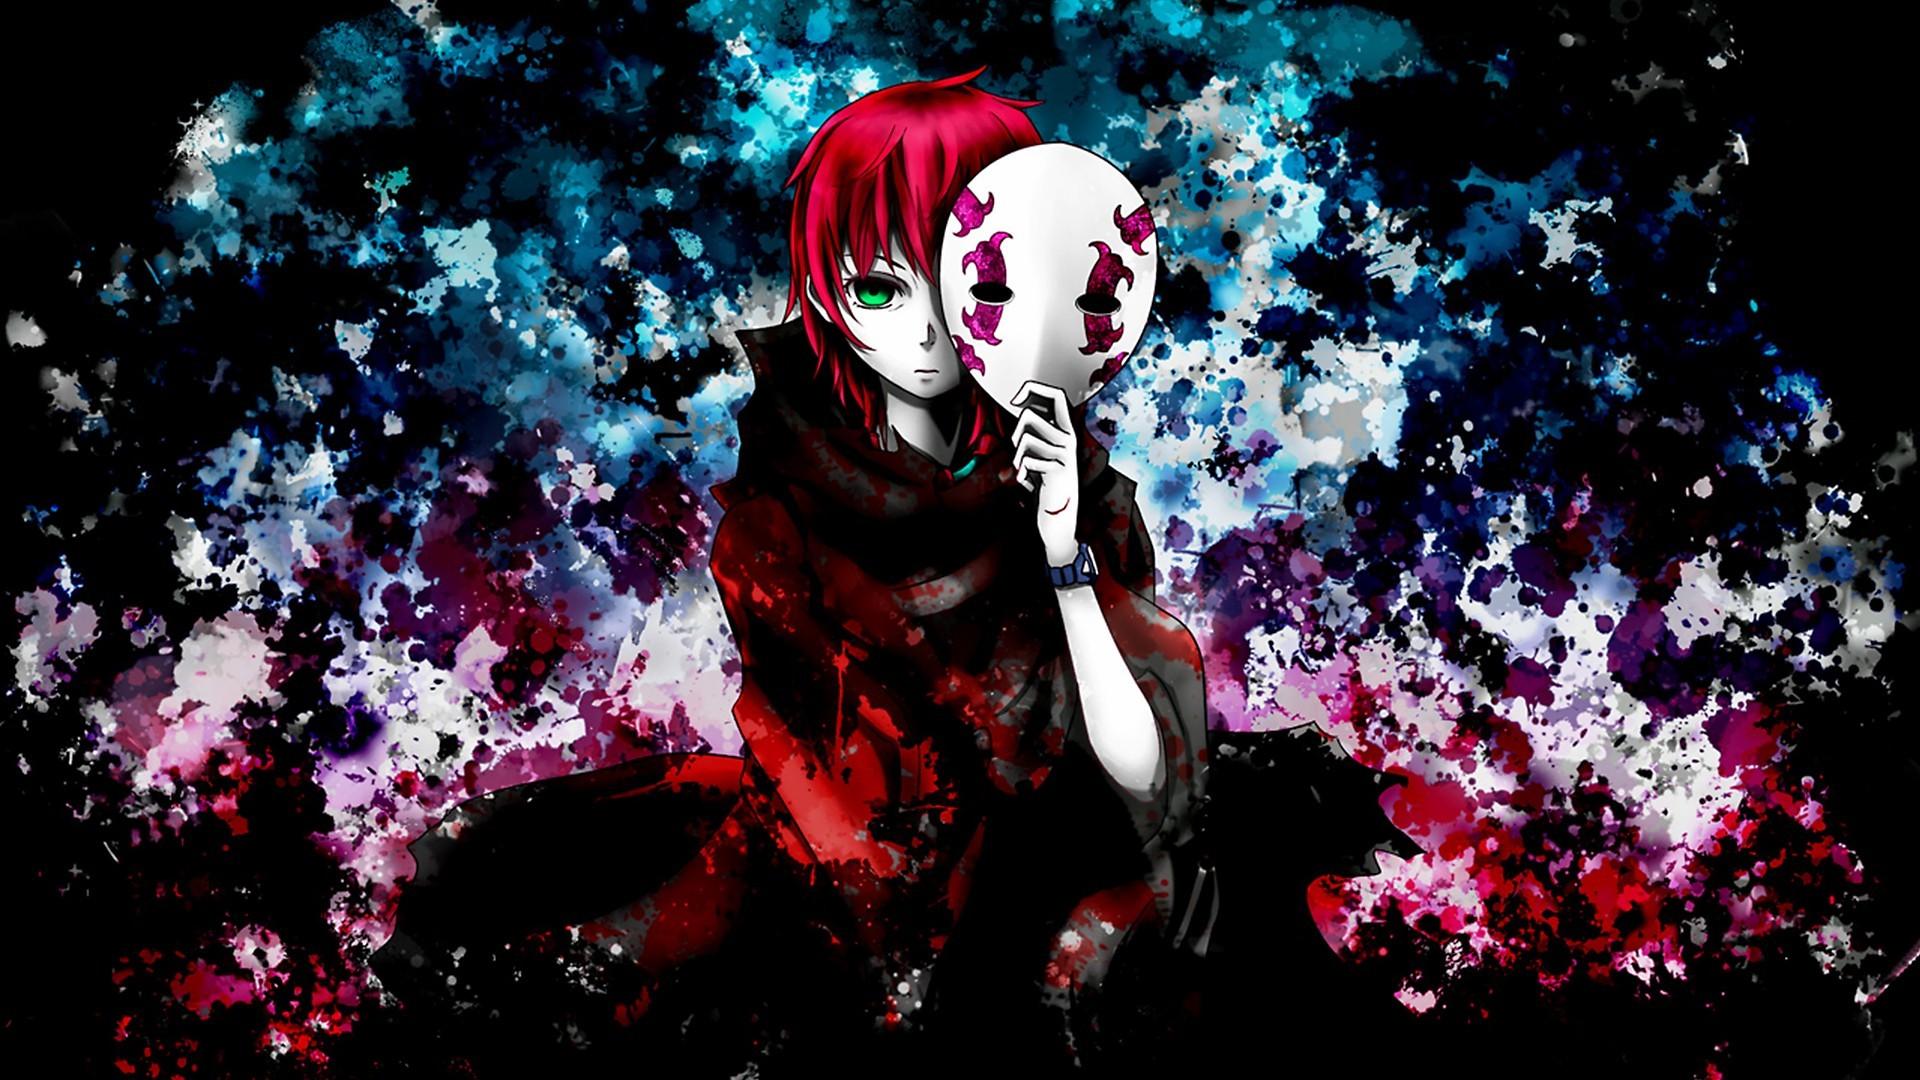 Wallpaper Illustration Anime Deadman Wonderland